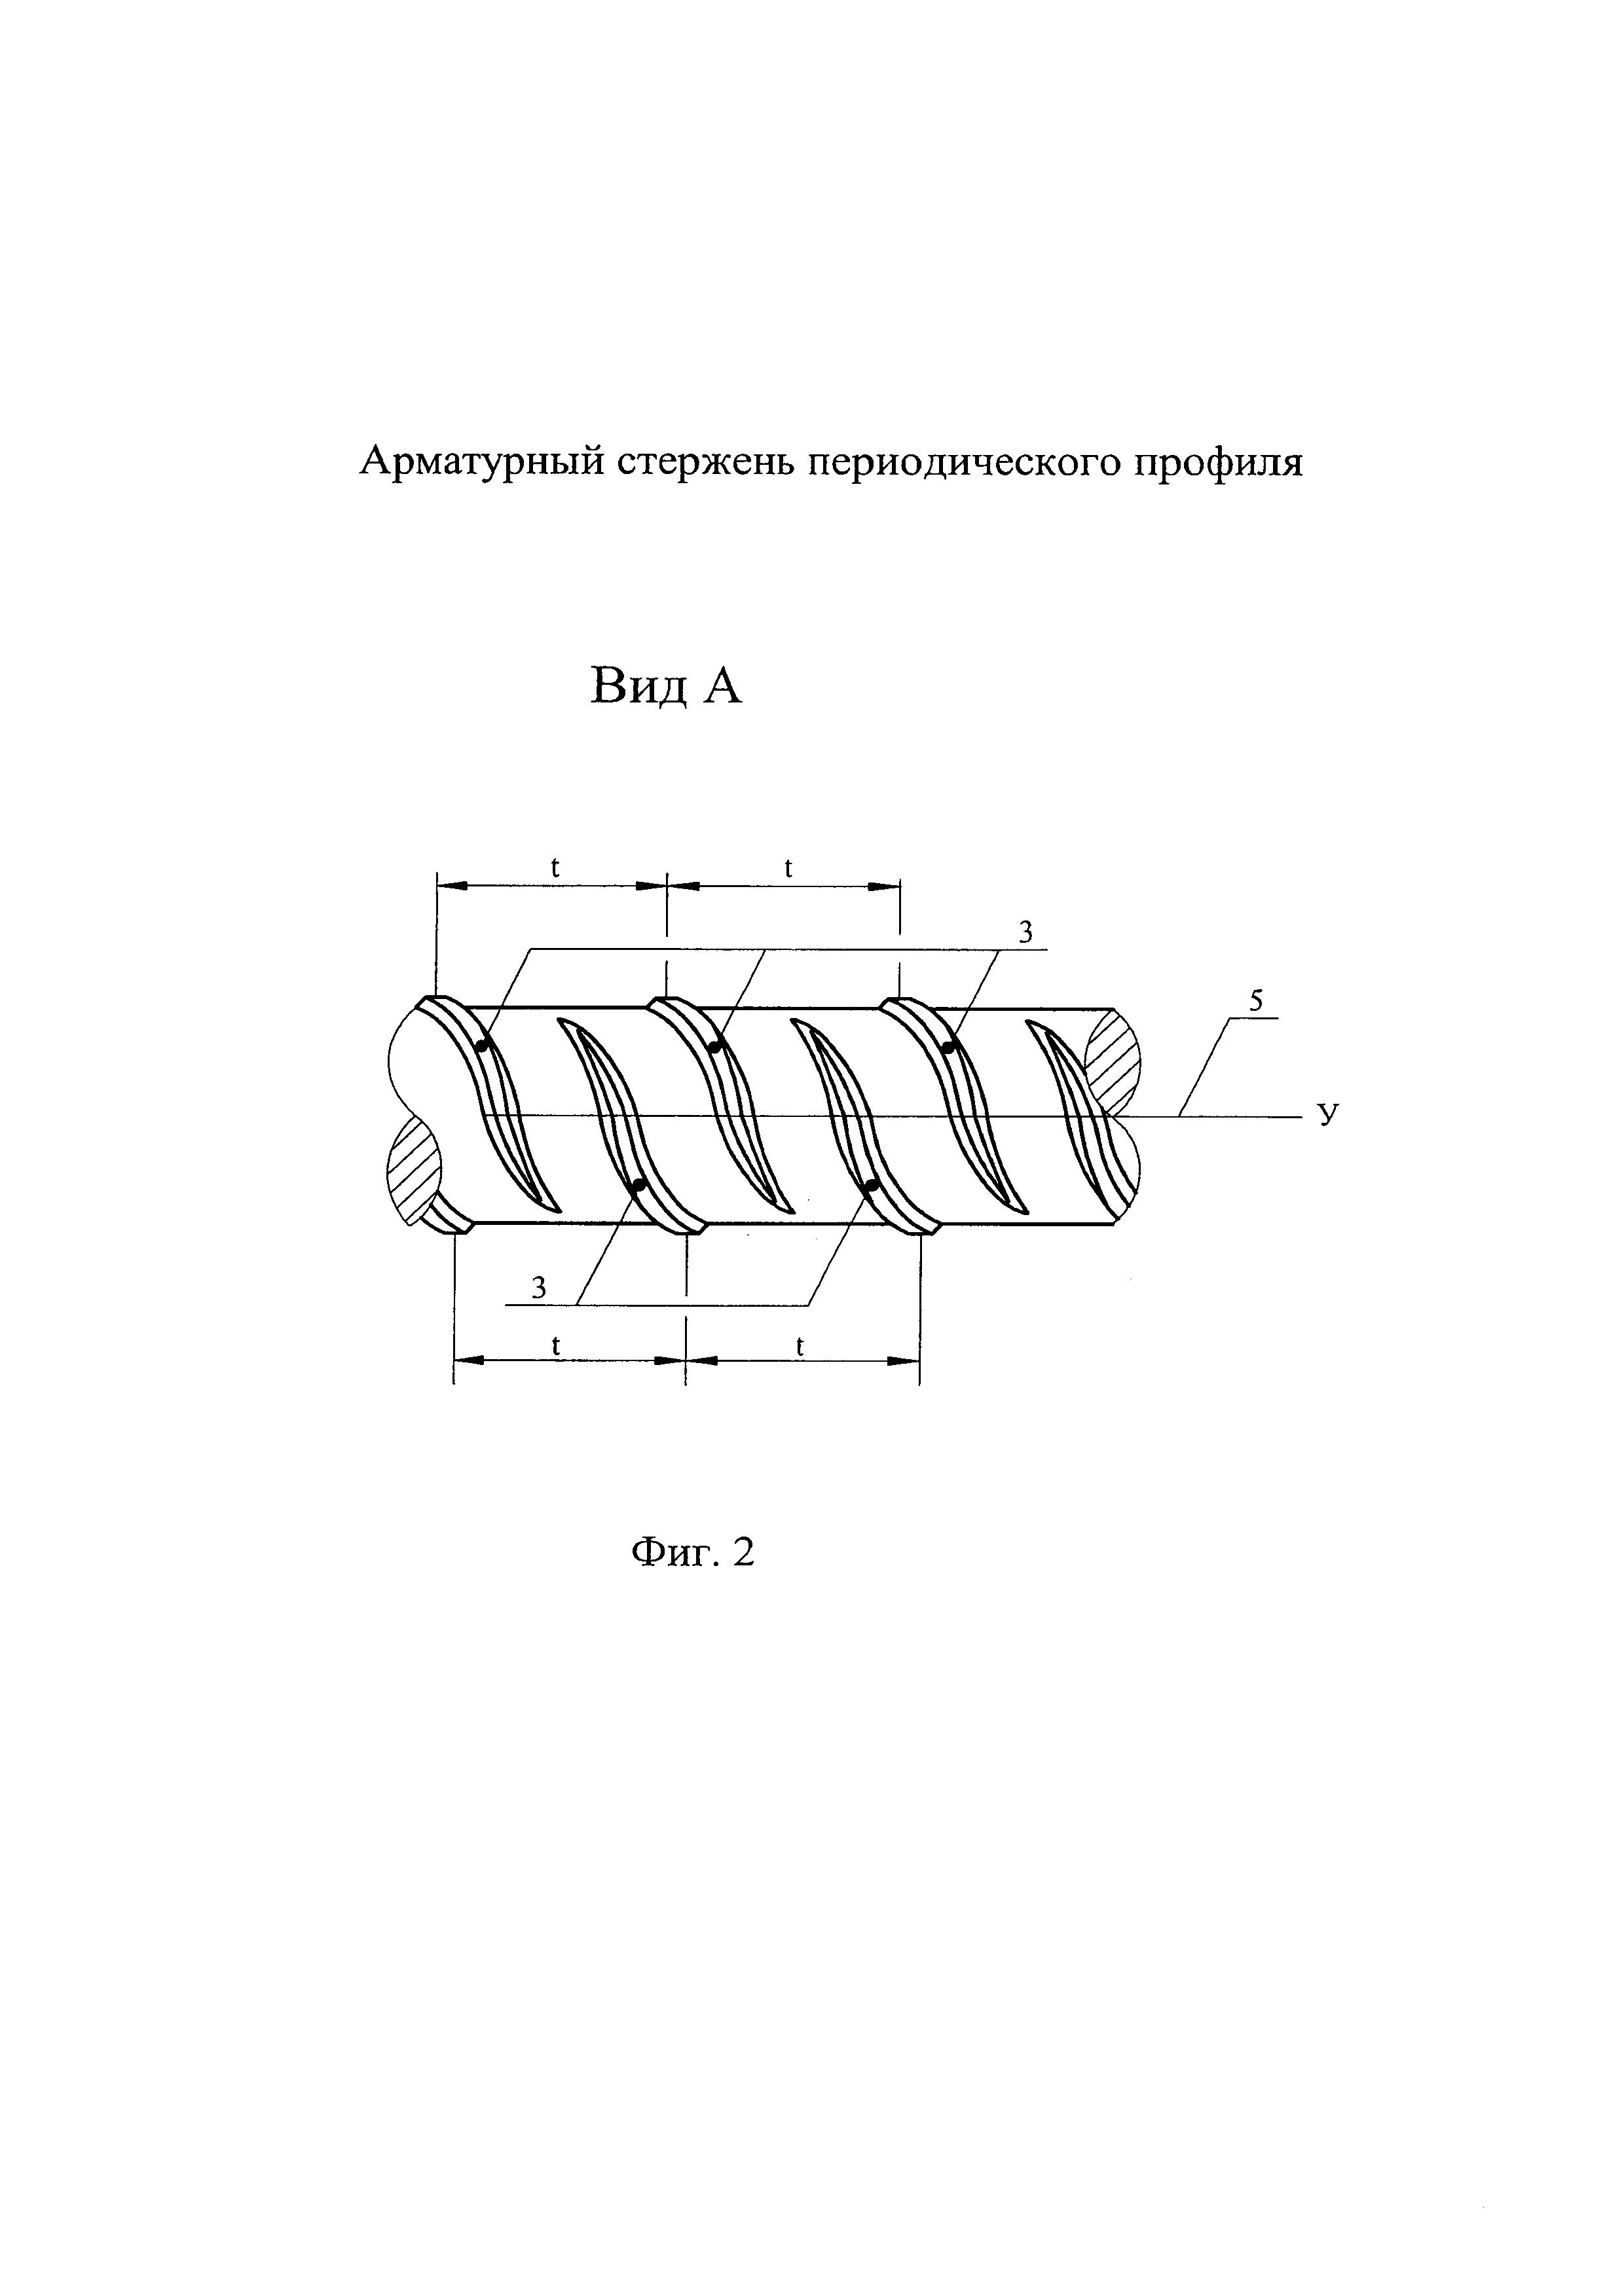 Арматурный стержень периодического профиля